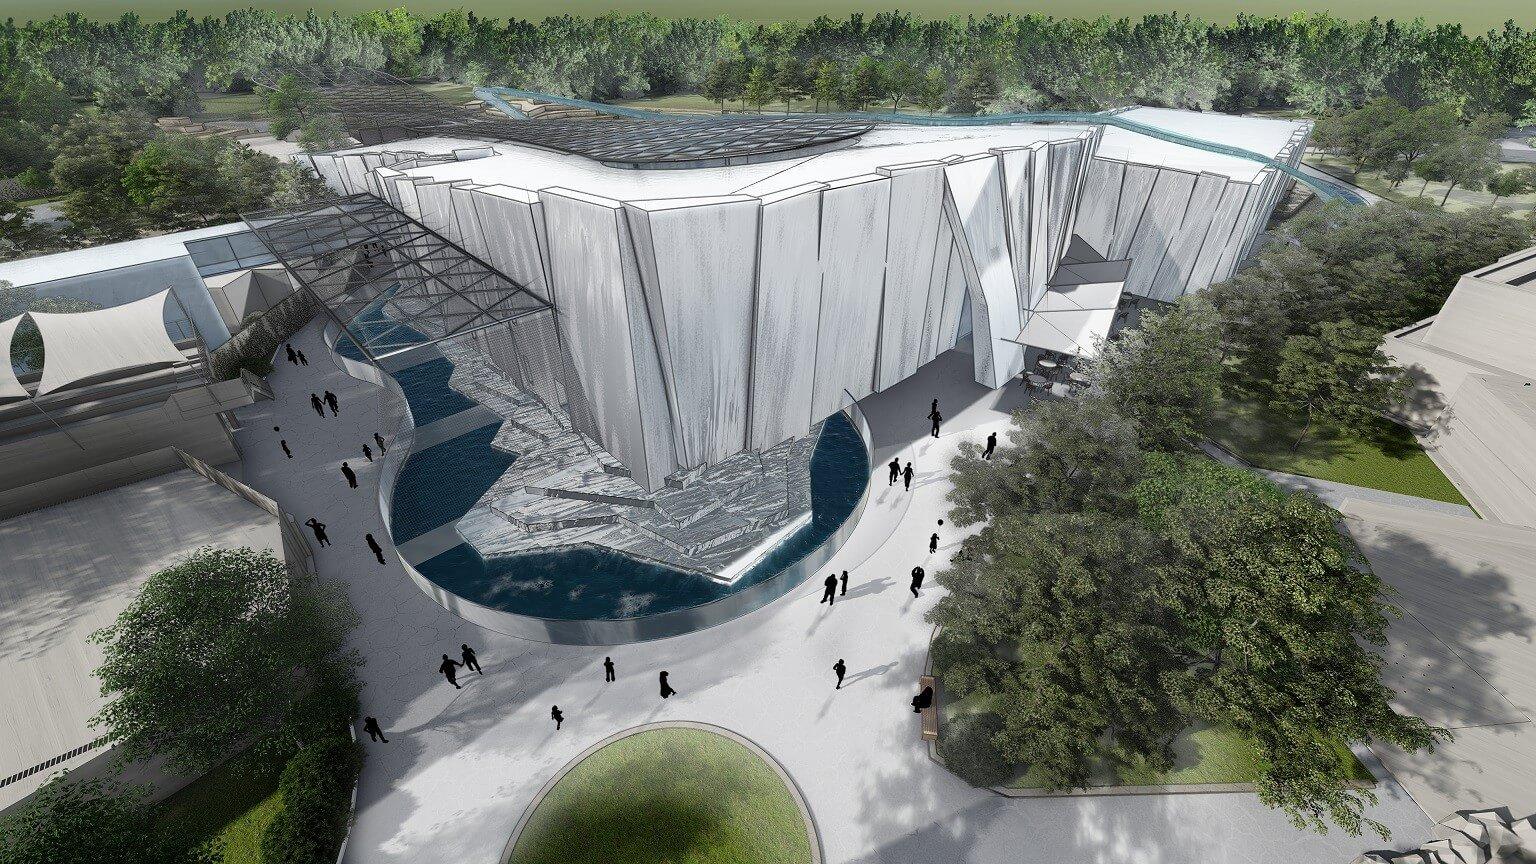 Így nézhet ki a Nyíregyházi Állatpark jégkorszaki bemutatóhelyszíne